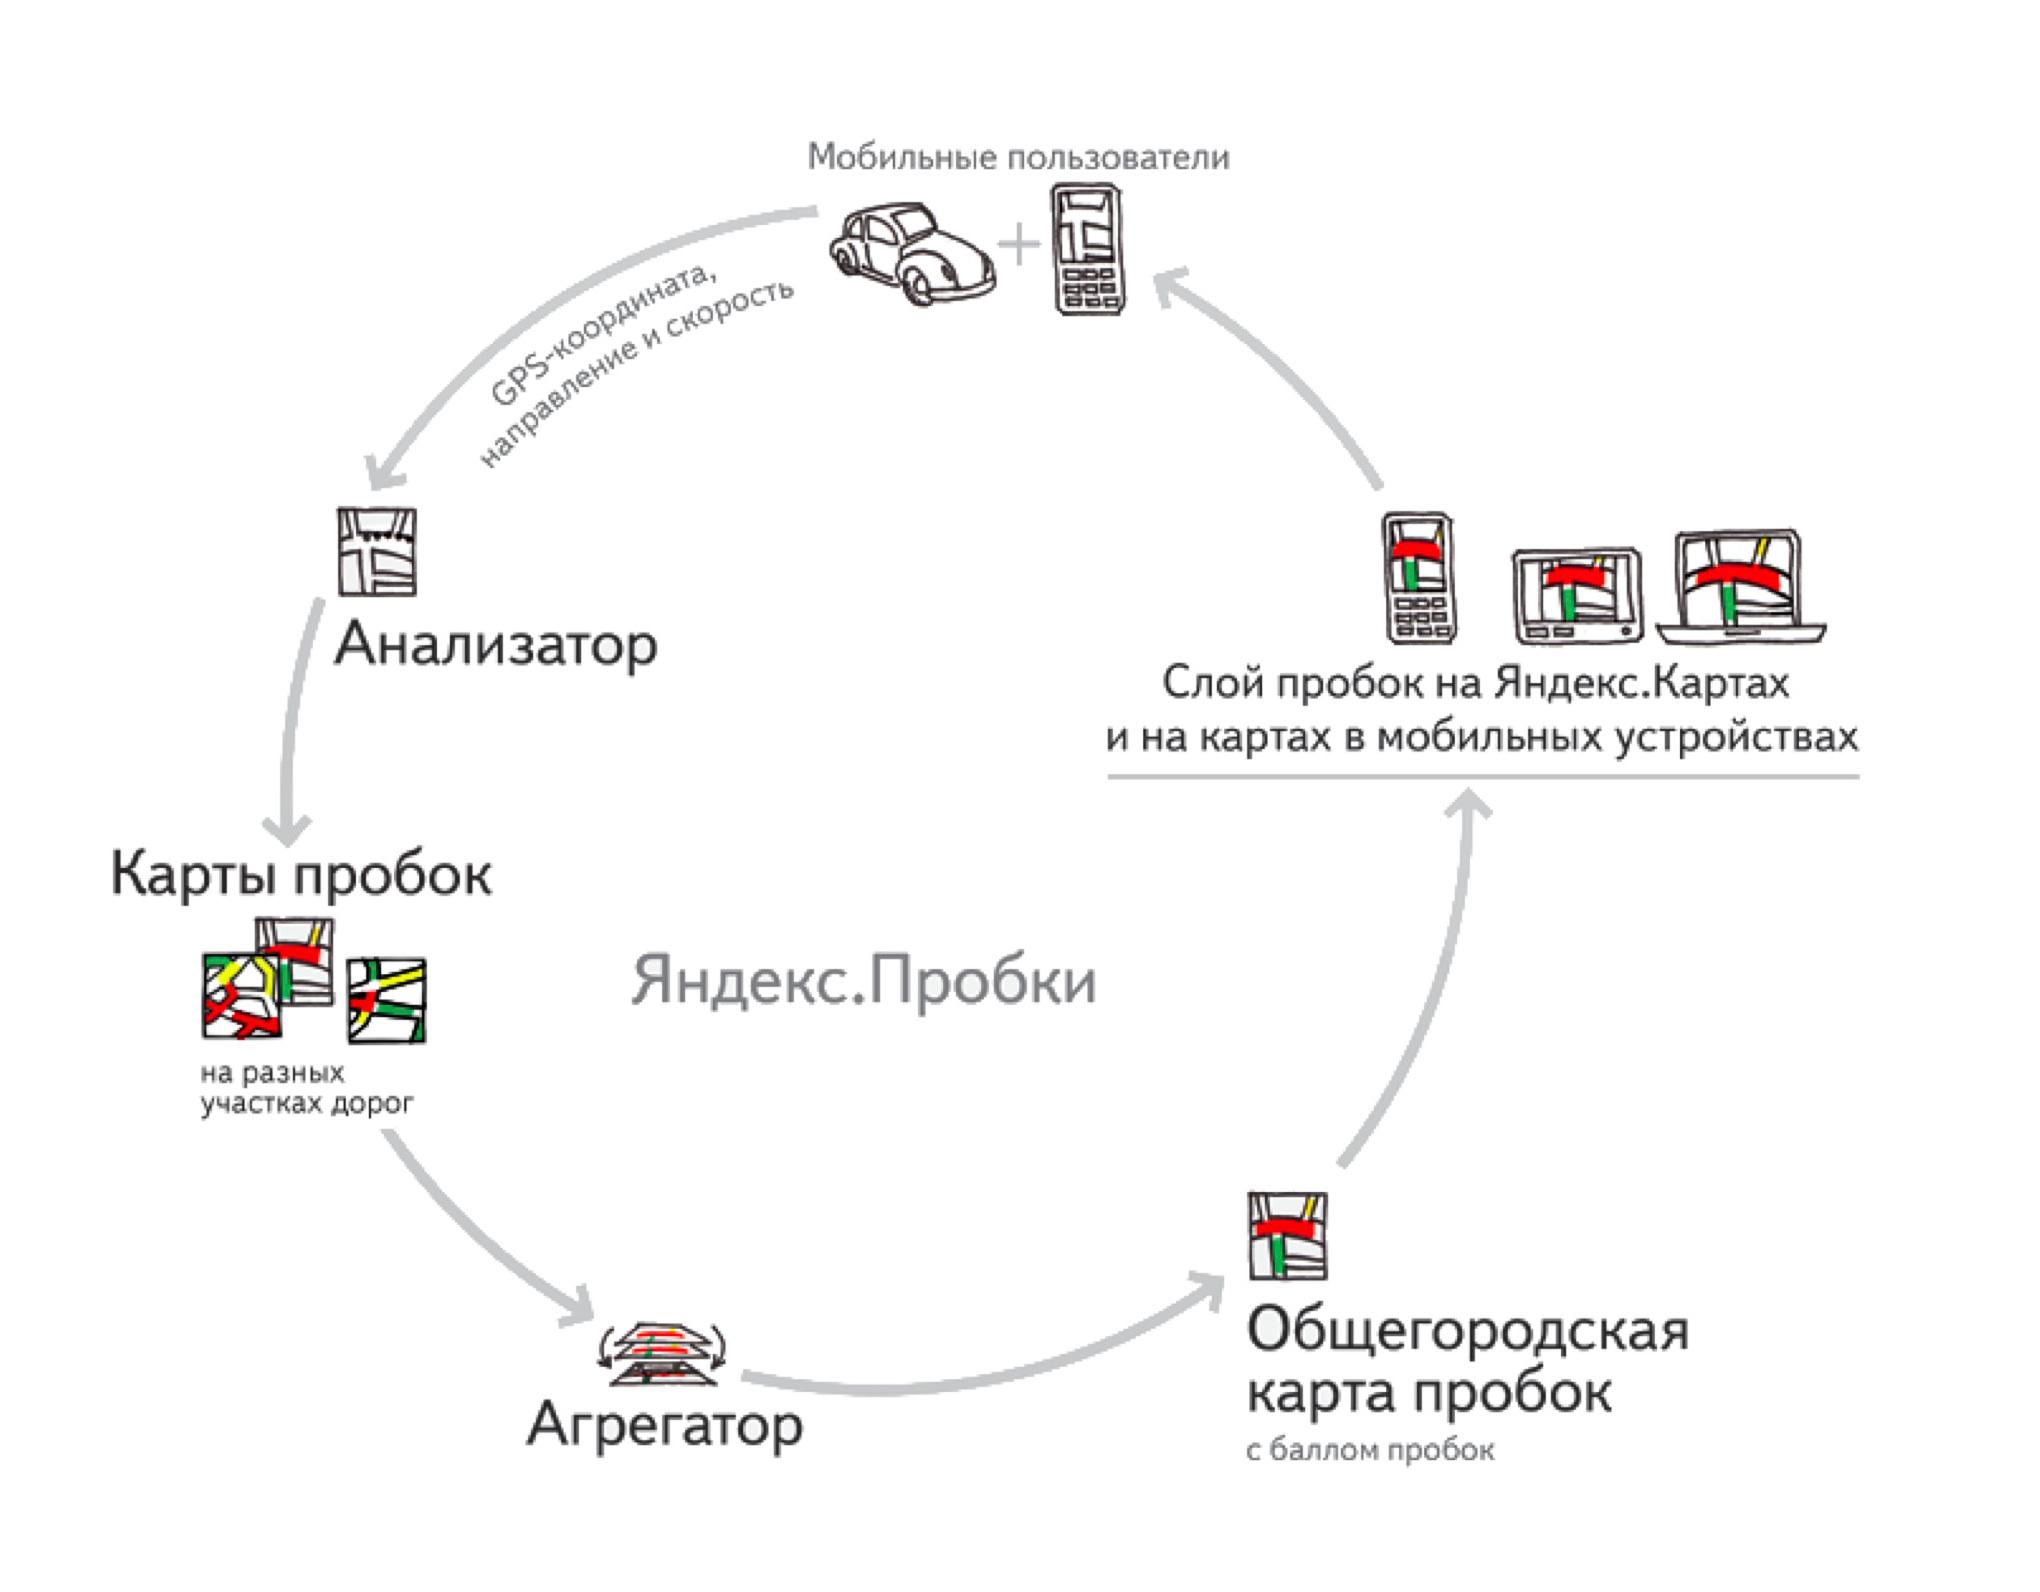 Как устроены Яндекс.Карты. Лекция Владимира Зайцева в Яндексе